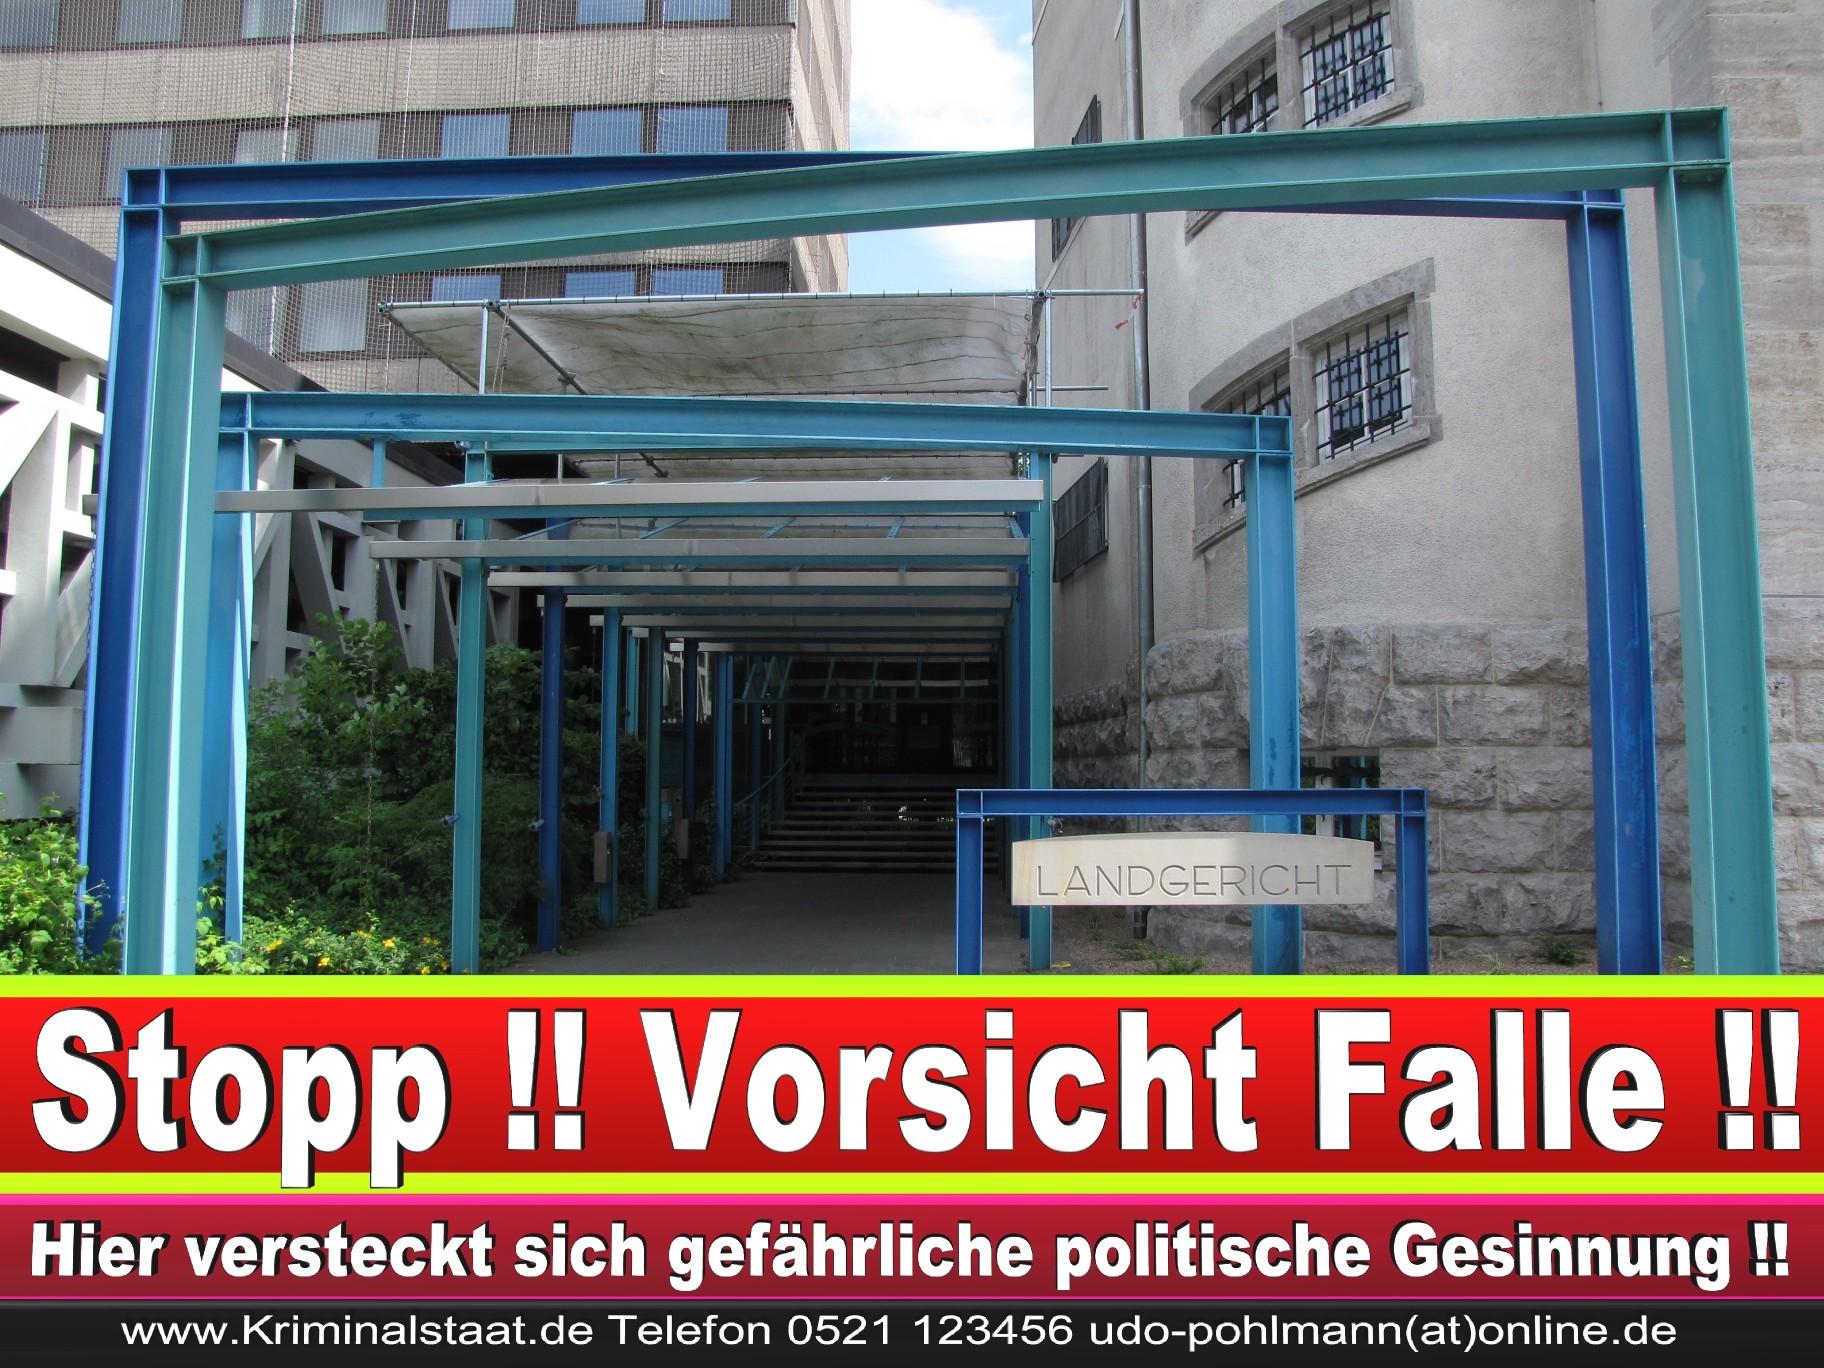 CDU Landgericht Bielefeld Landgerichtspräsident Klaus Petermann Hochstraße Bünde Jens Gnisa Richterbund Richtervereinigung 35